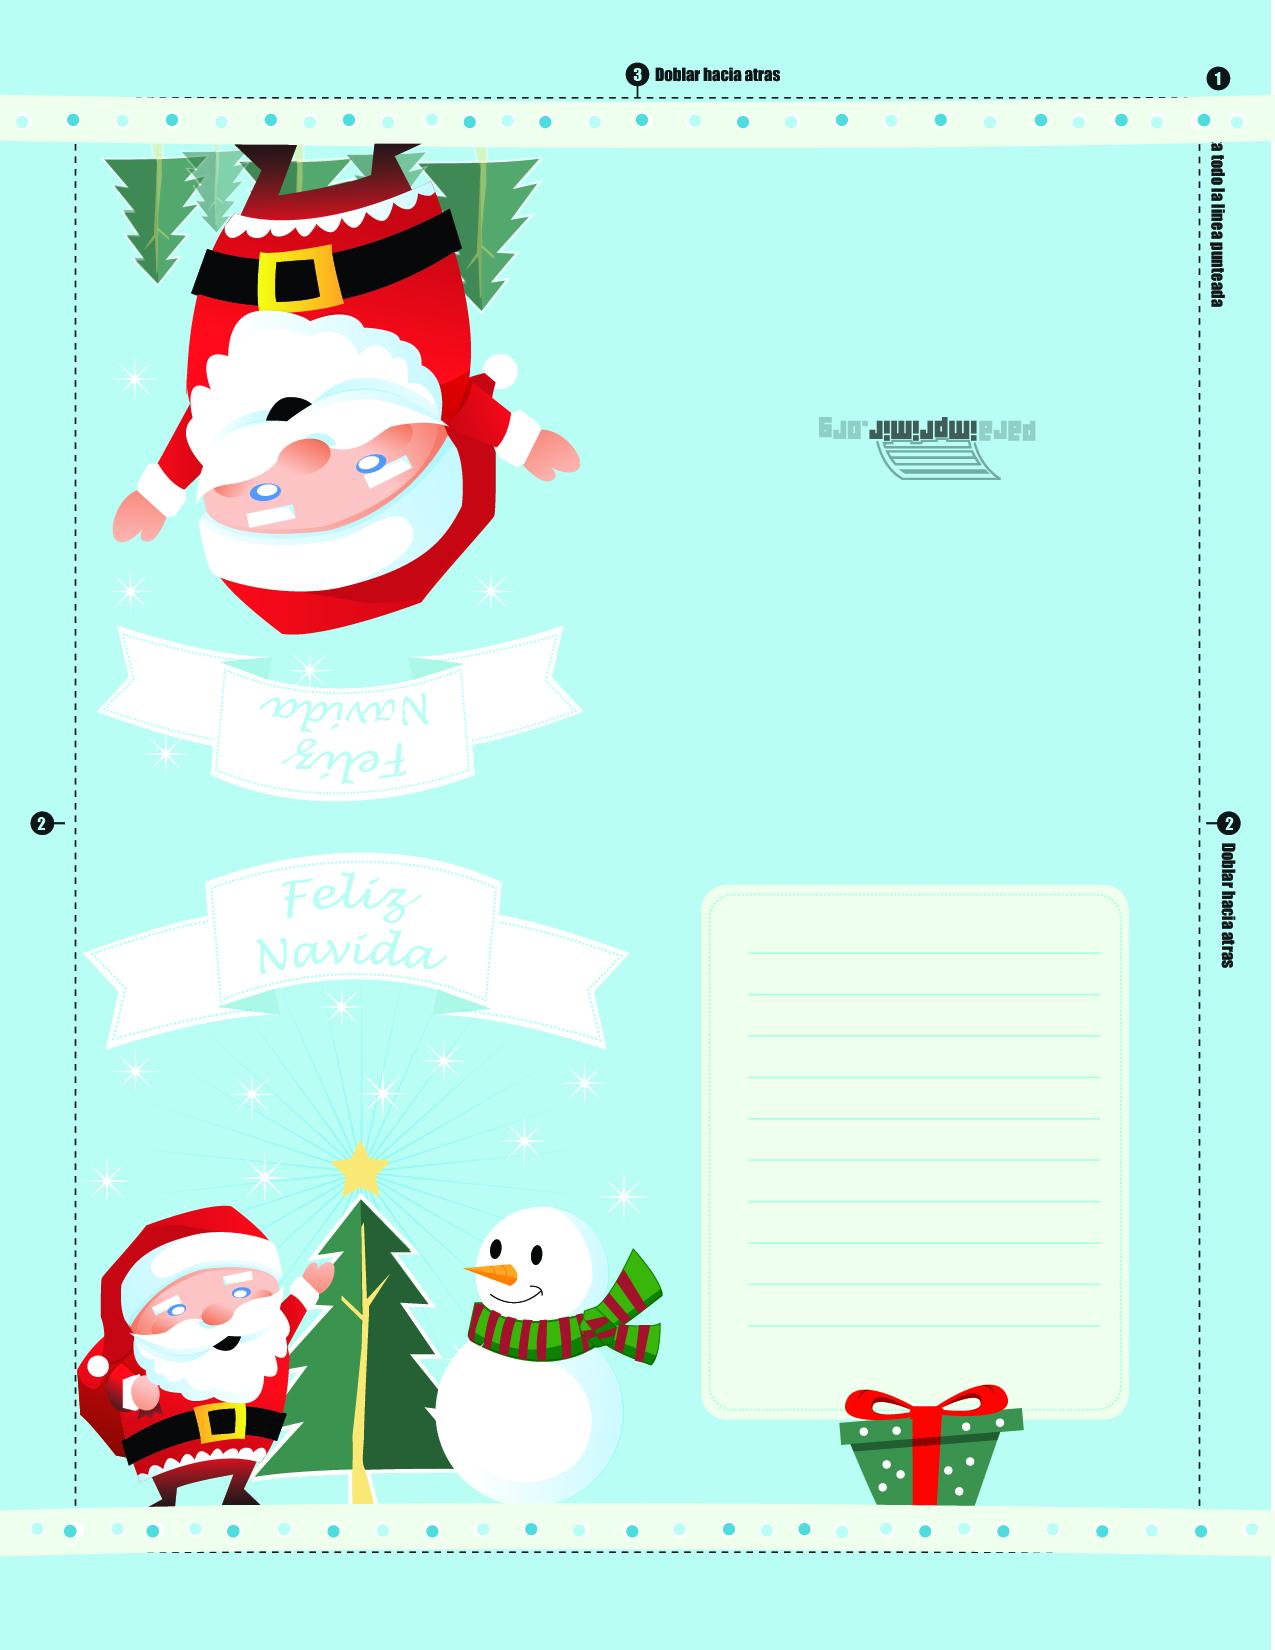 Tarjetas navidad para imprimir parte imagenes fondos - Postales de navidad bonitas ...